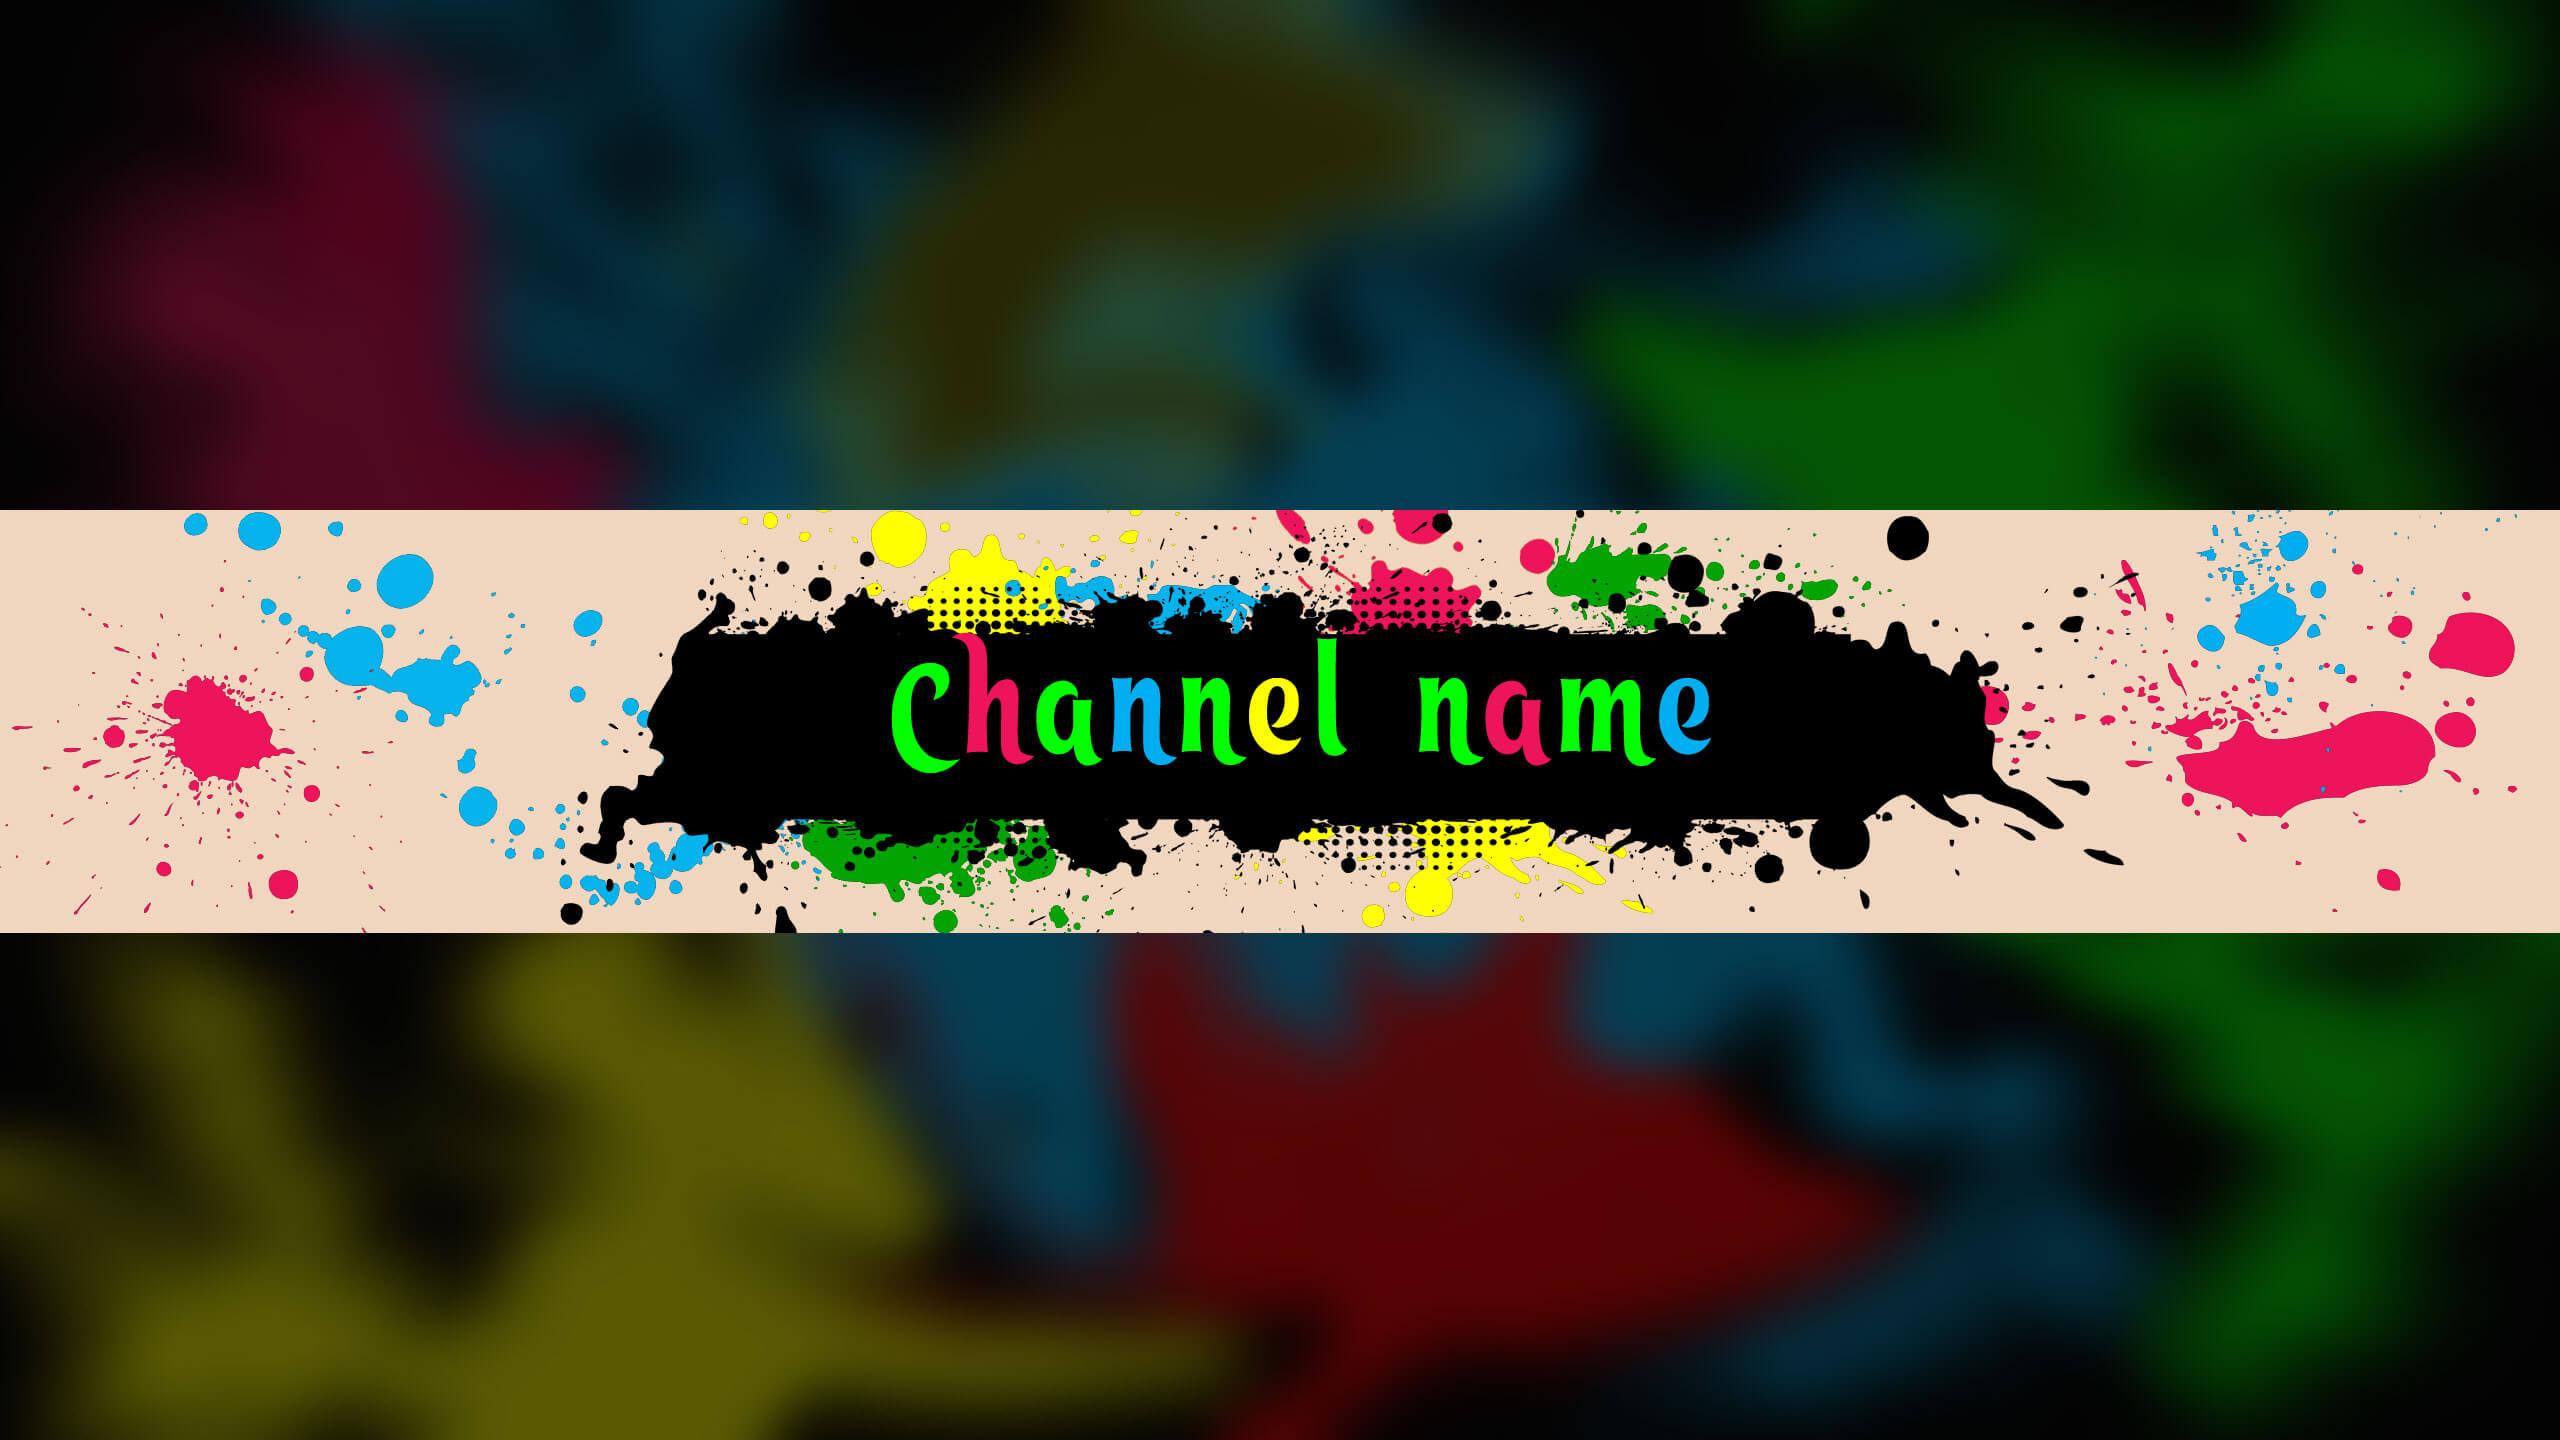 Картинка для канала ютуб с цветными брызгами.